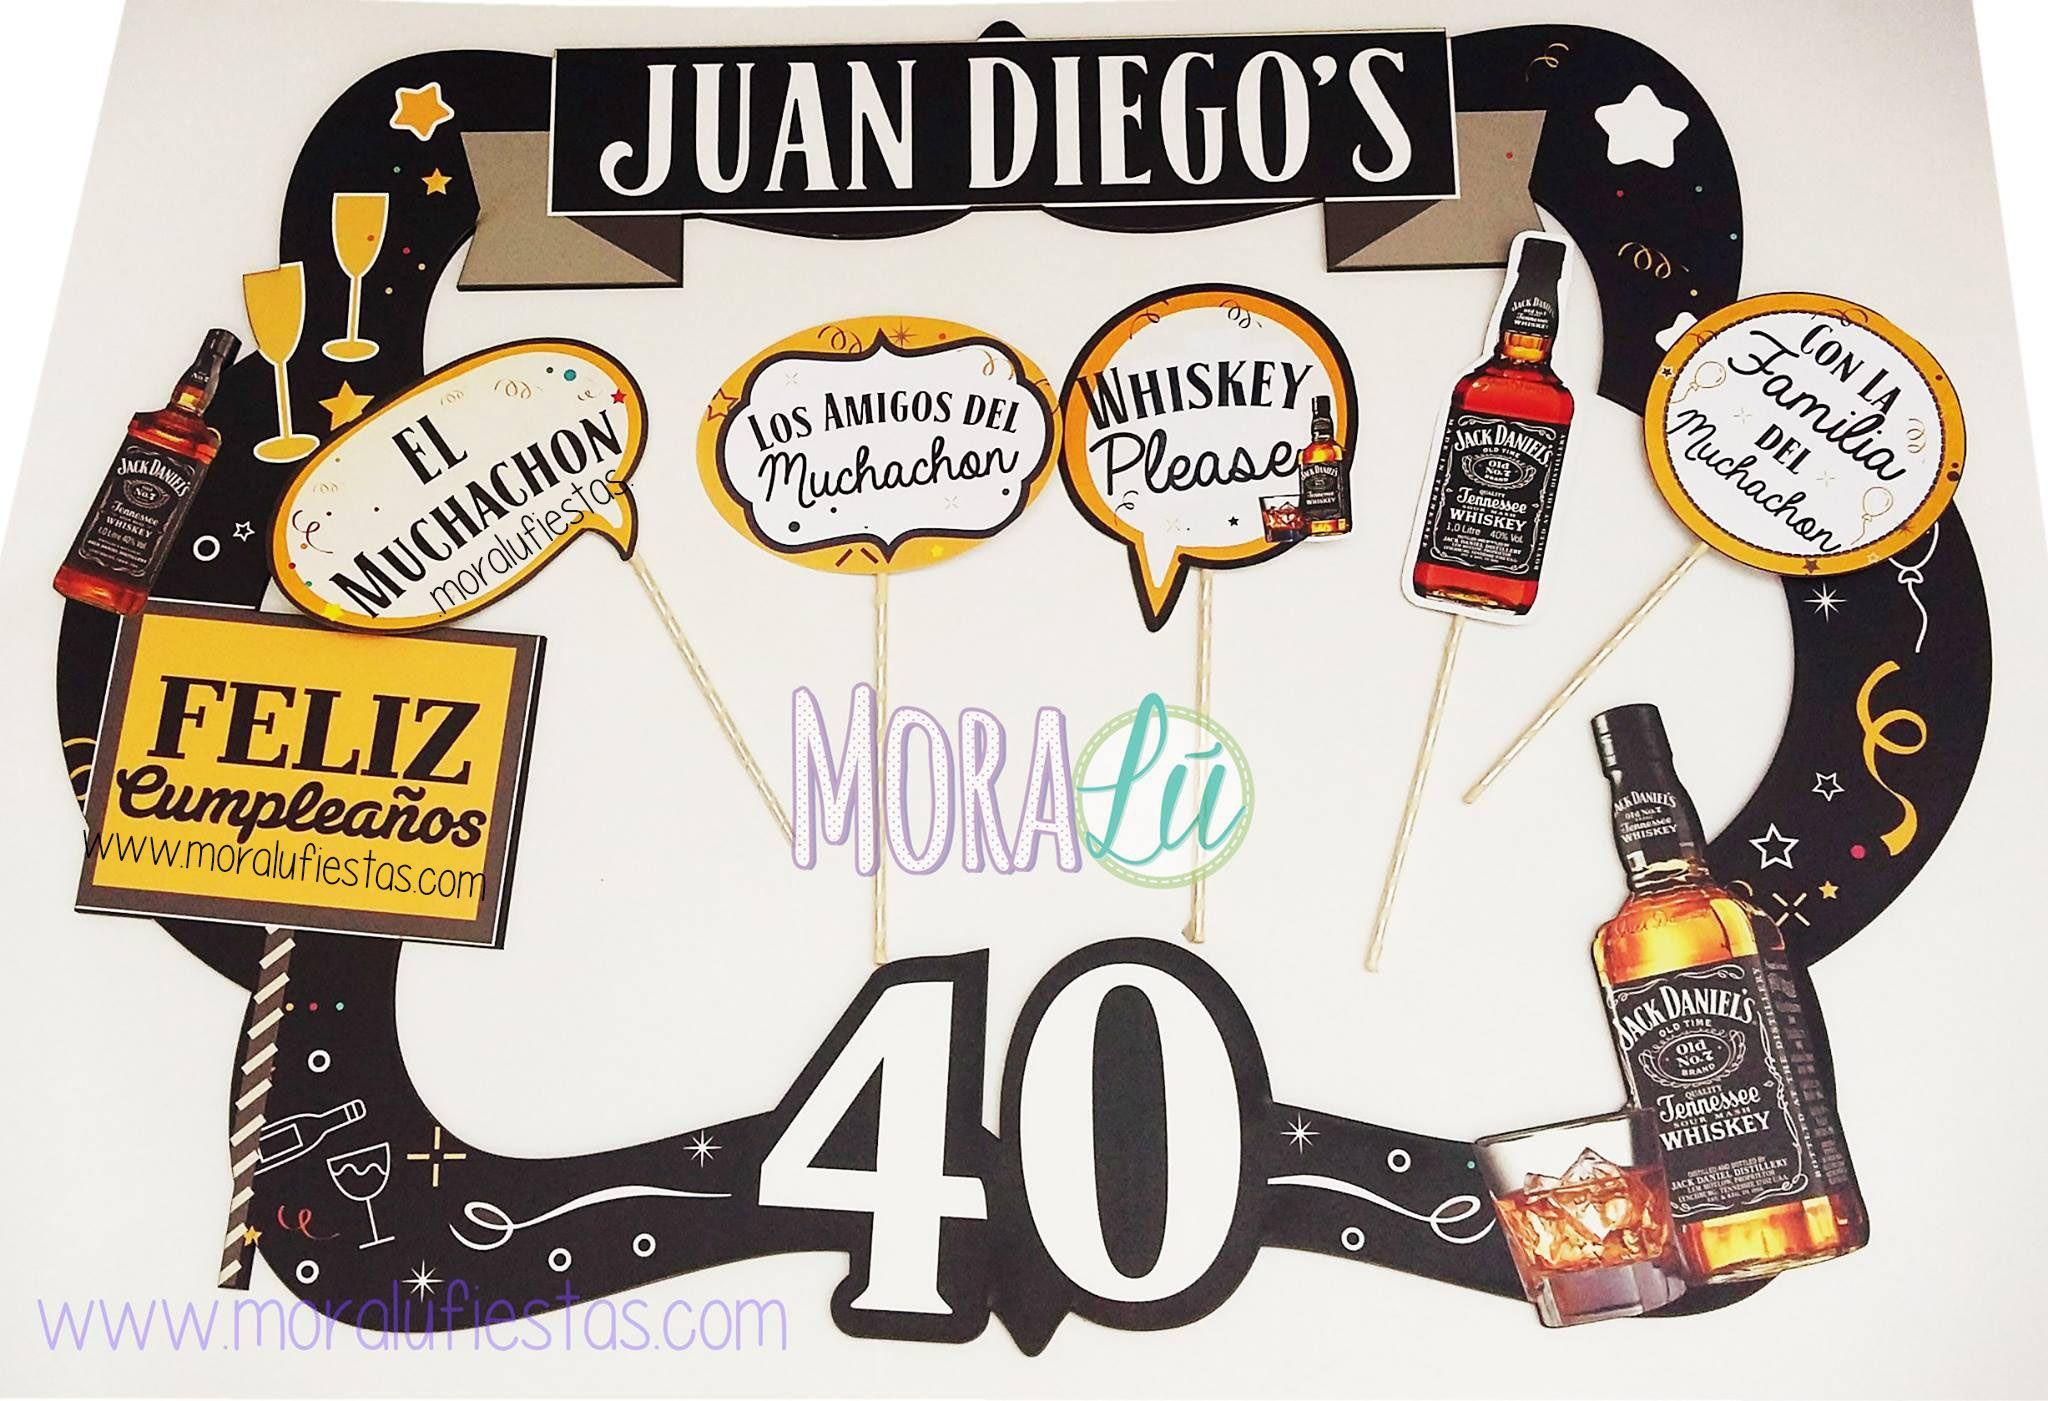 Unos 40 años con la emblemática de el mejor whisky Jack Daniels ...